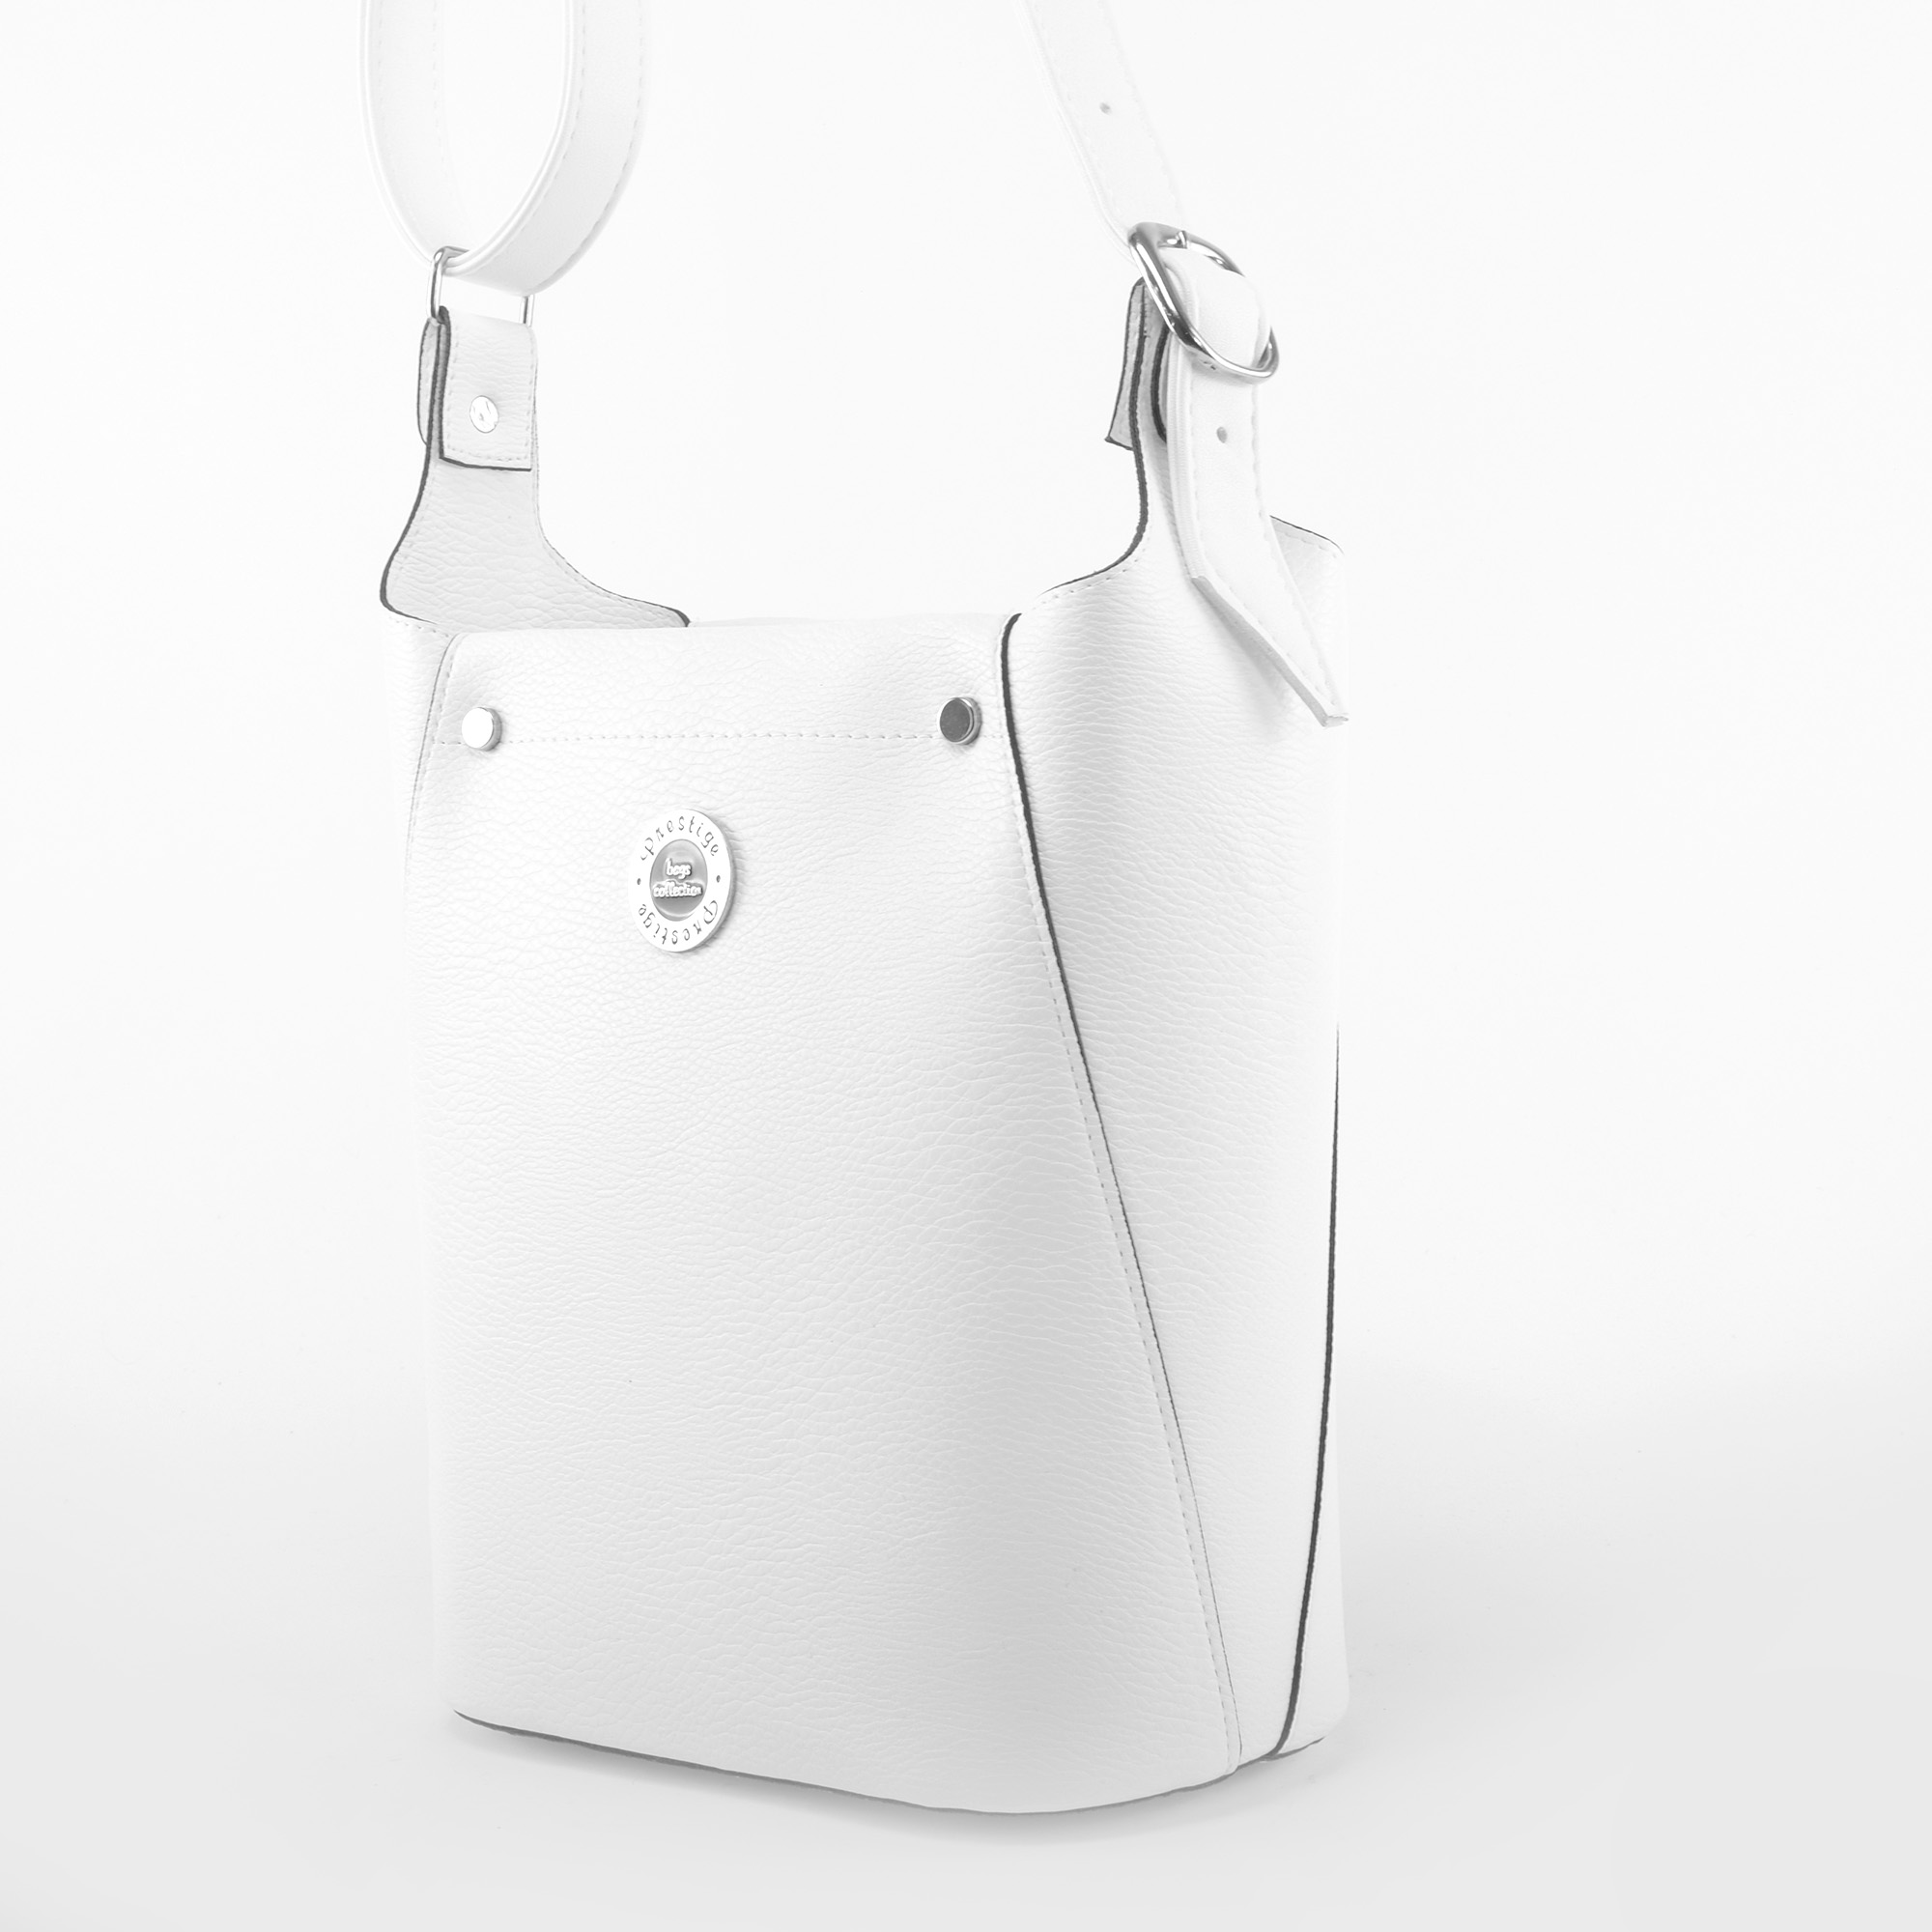 0c8701b44e21 Prestige Női Fehér Rostbőr Válltáska - Válltáskák - Táska webáruház -  Minőségi táskák mindenkinek